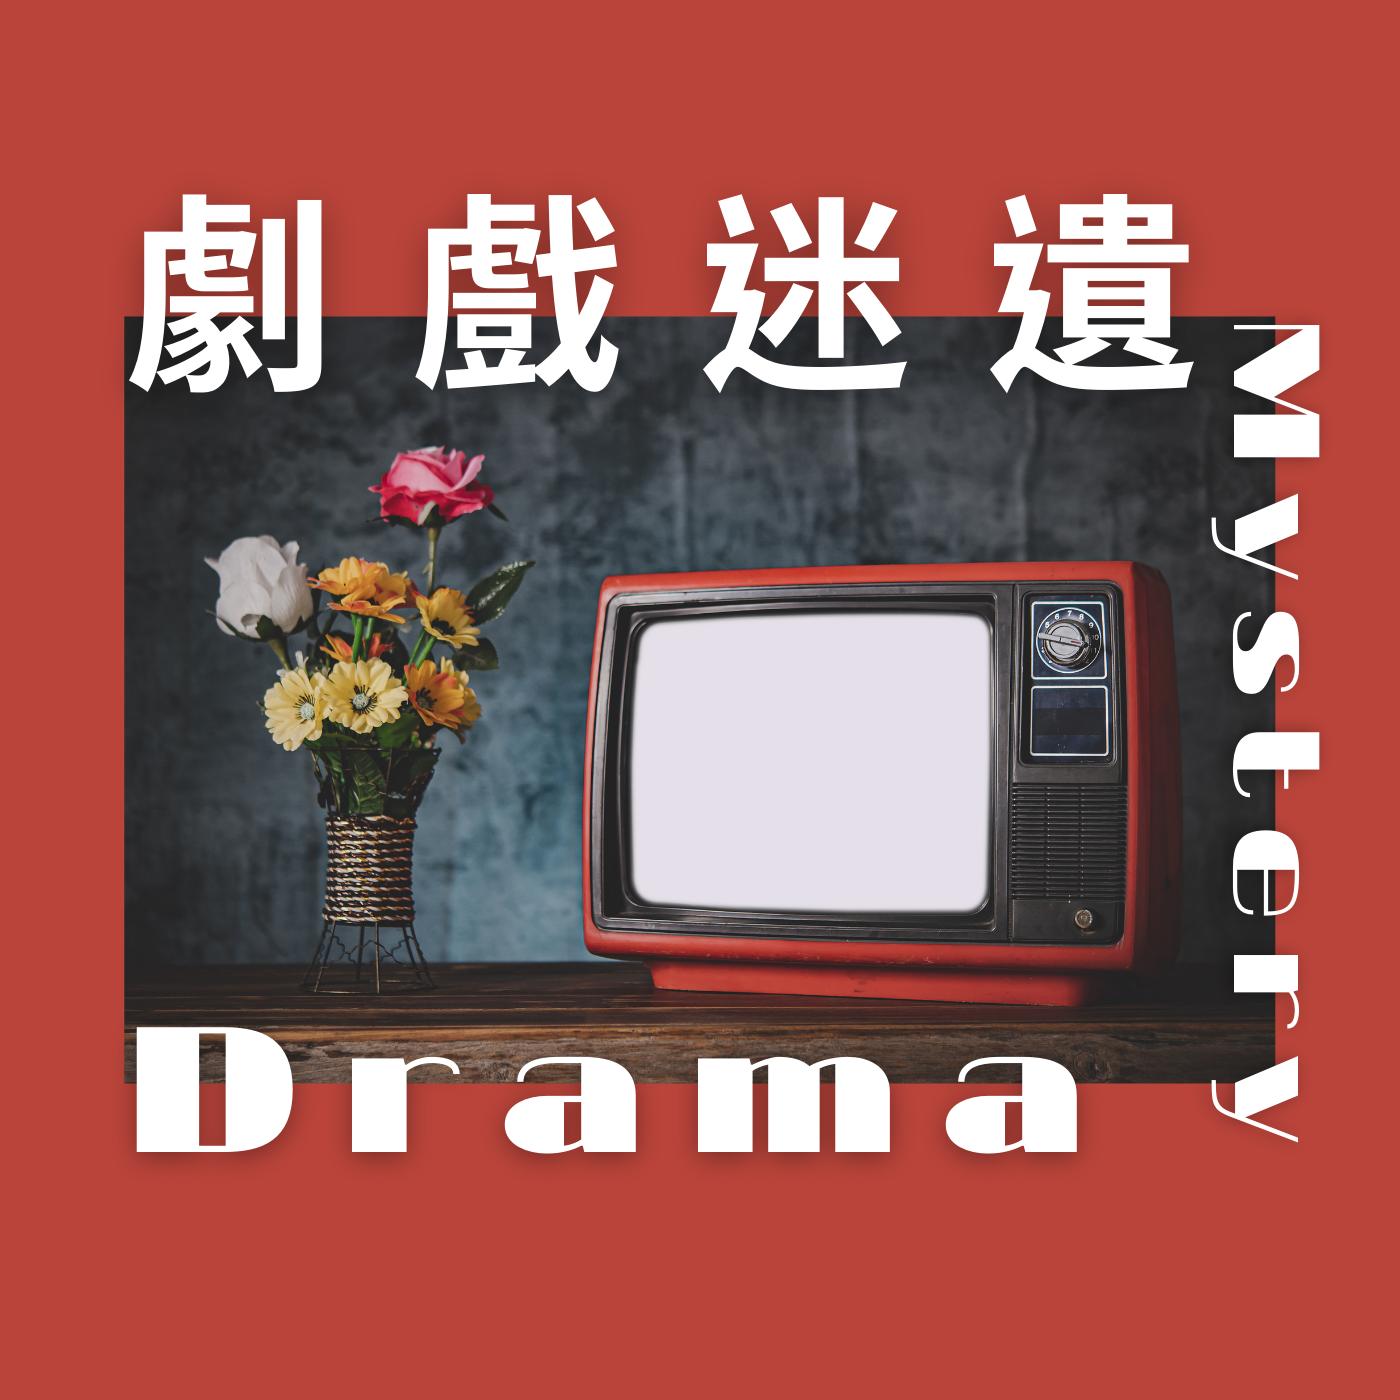 【劇戲迷遺】ep4-七月日劇大換檔  分享3部精采之作